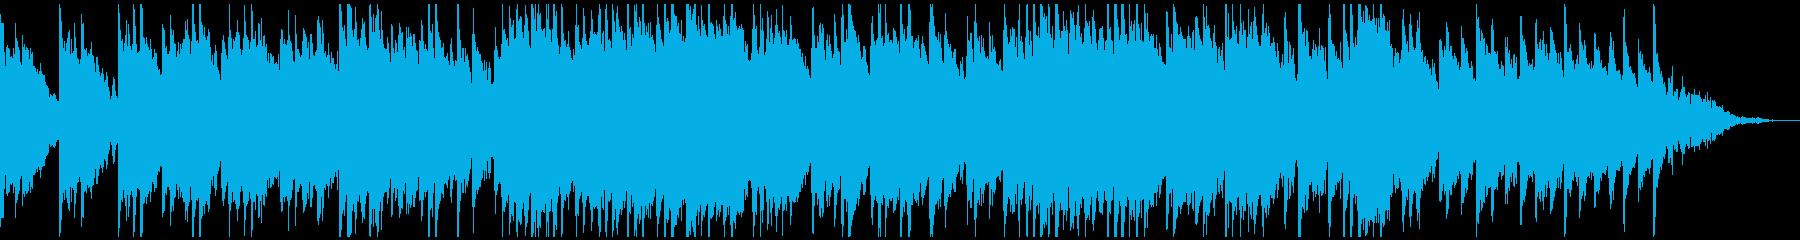 秋の並木道をピアノとバイオリンで表現の再生済みの波形